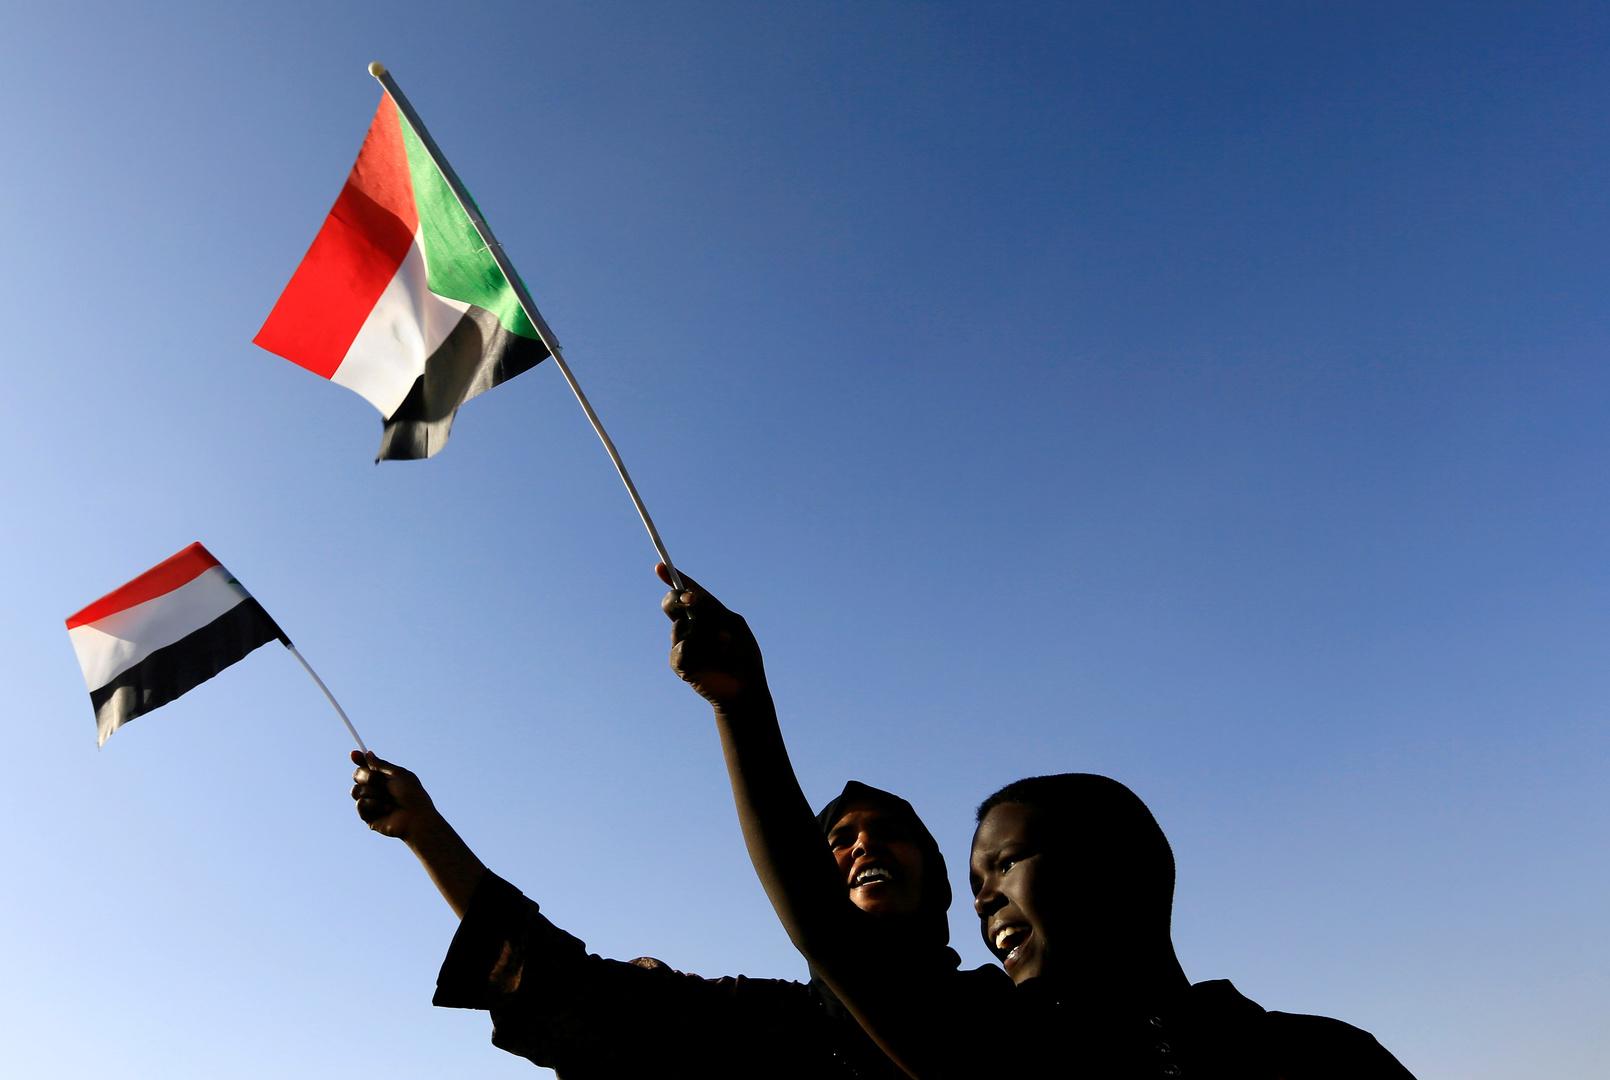 التلفزيون السوداني ينشر خريطة بدون